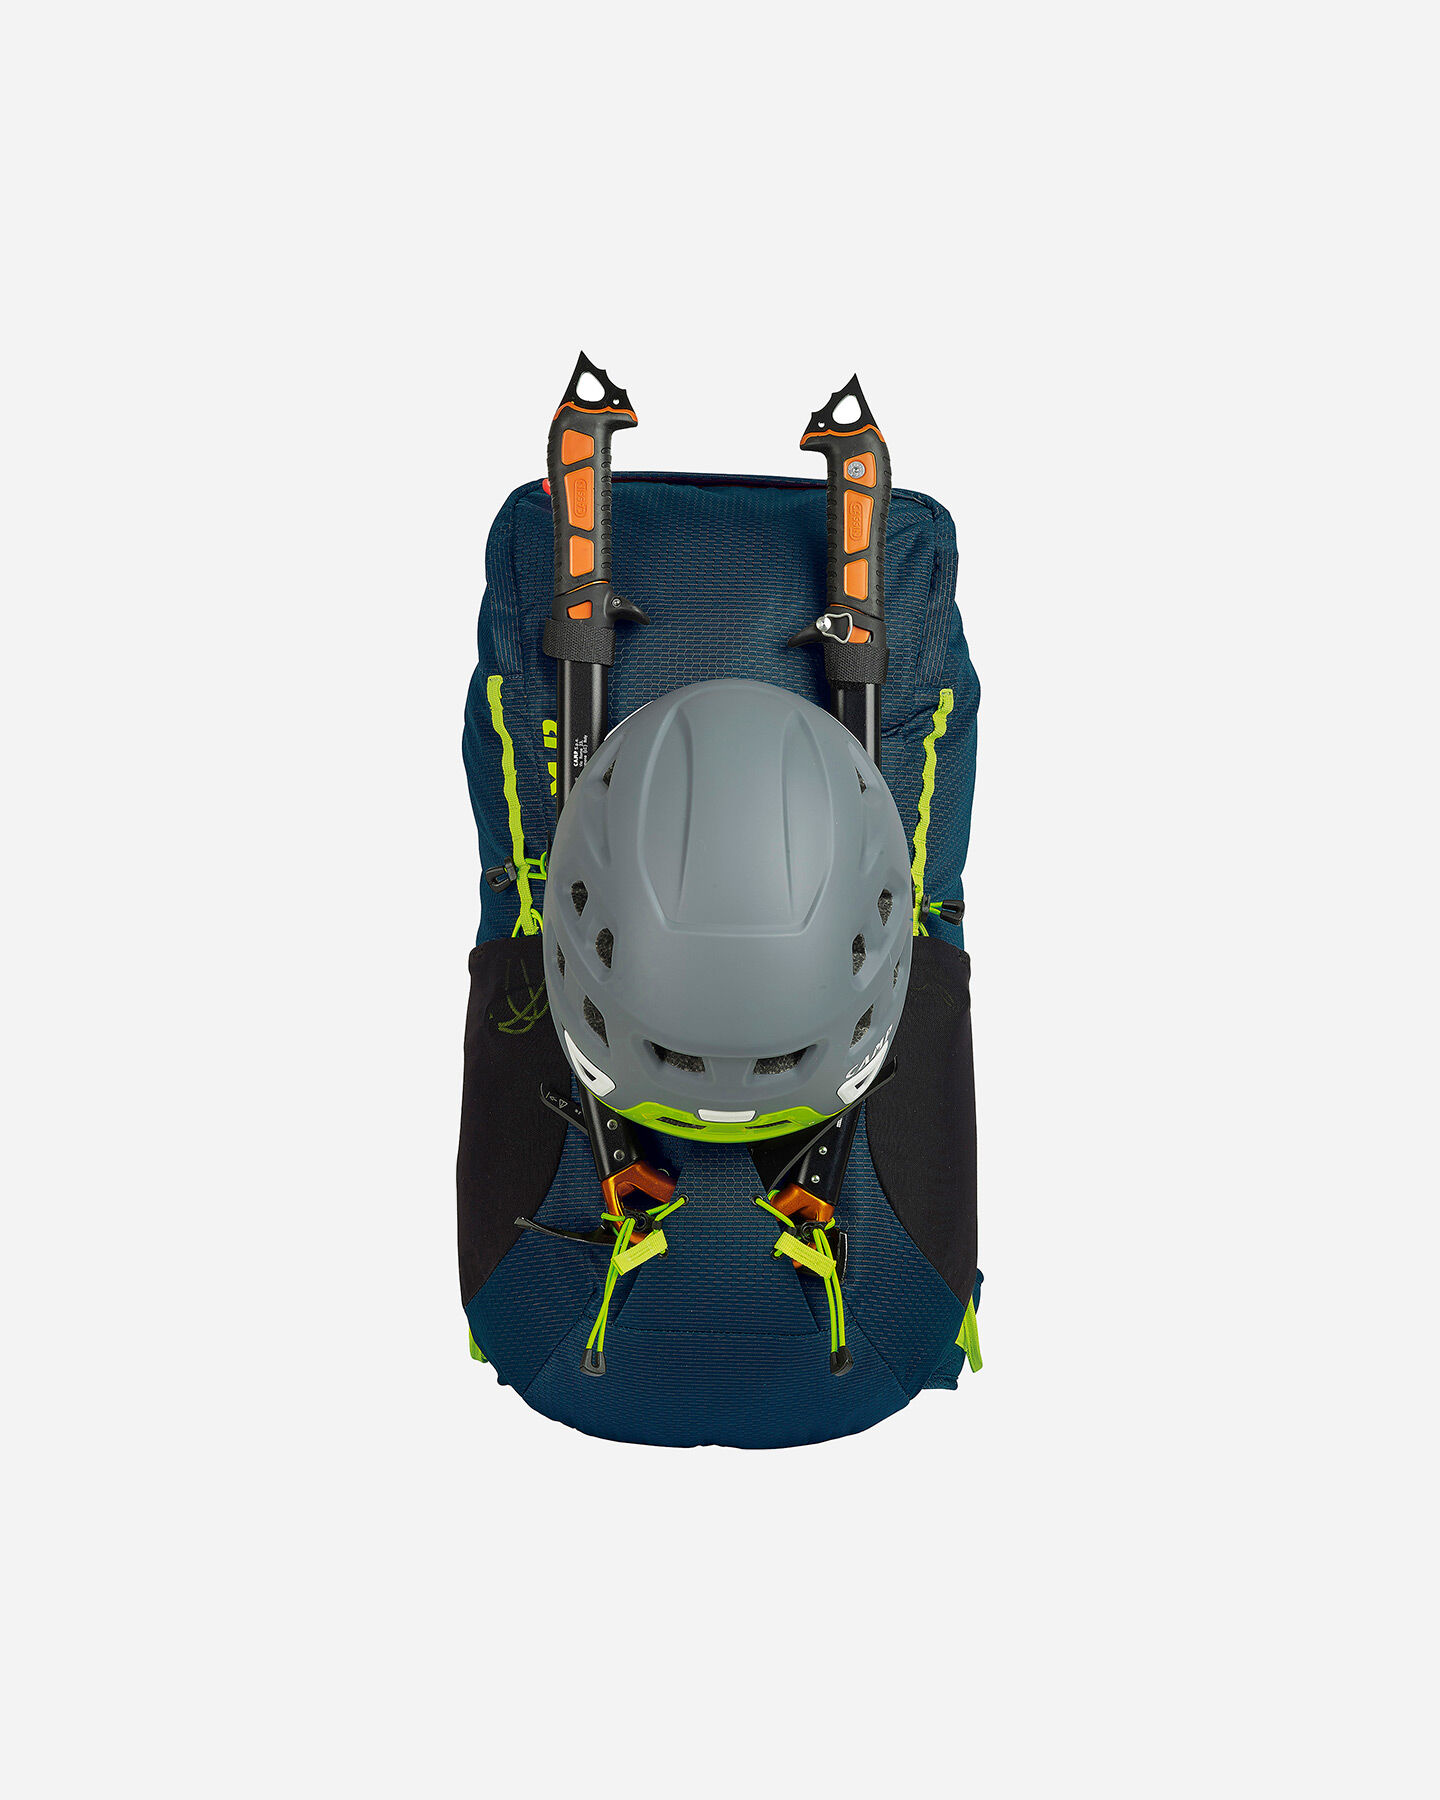 Zaino alpinismo CAMP ZAINO CAMP M20 20L 2918 S4081630|UNI|UNI scatto 2